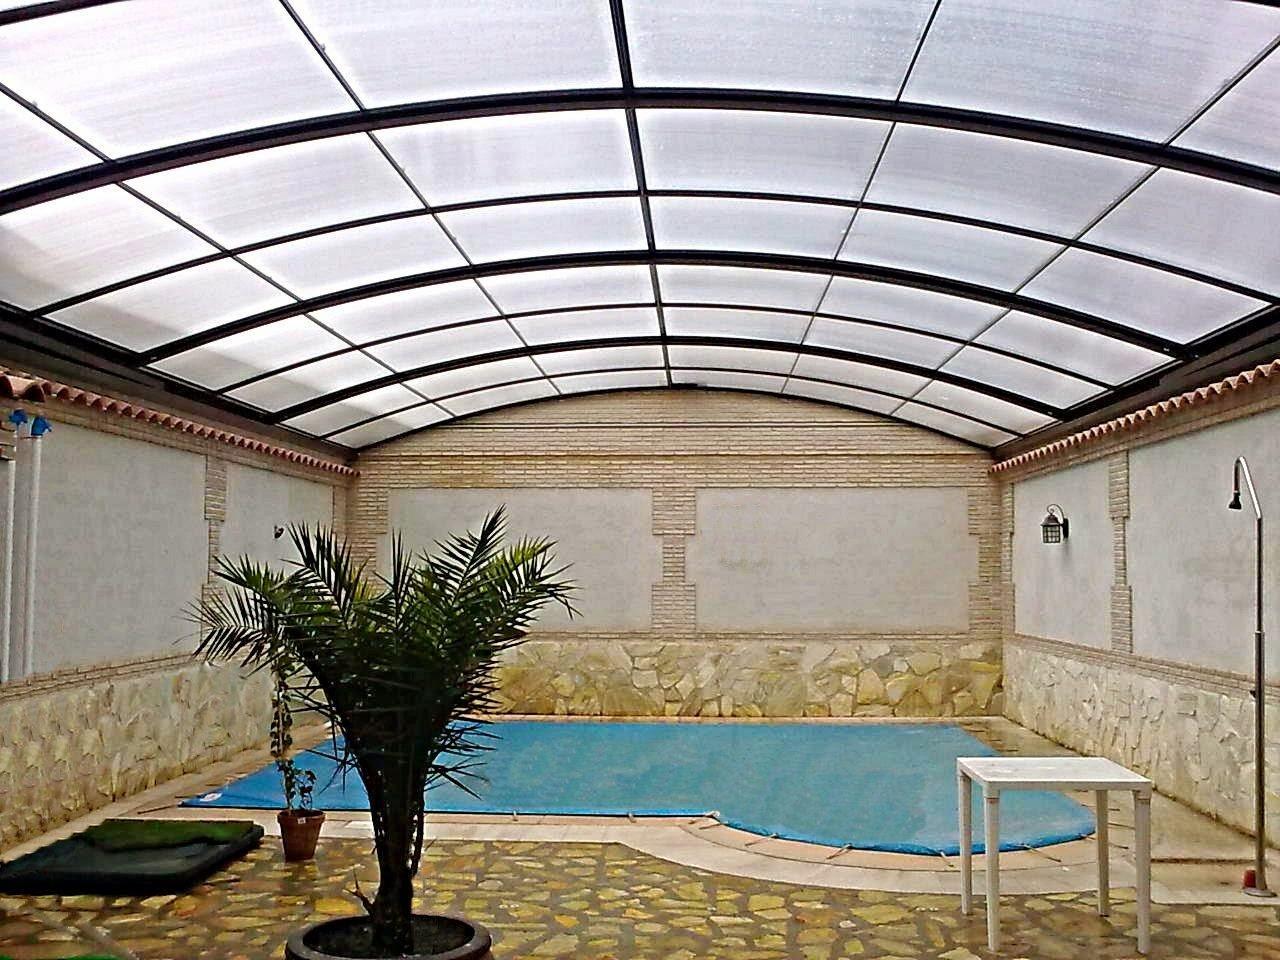 Policarbonato del techo o cubierta de la piscina for Piscinas precios baratos